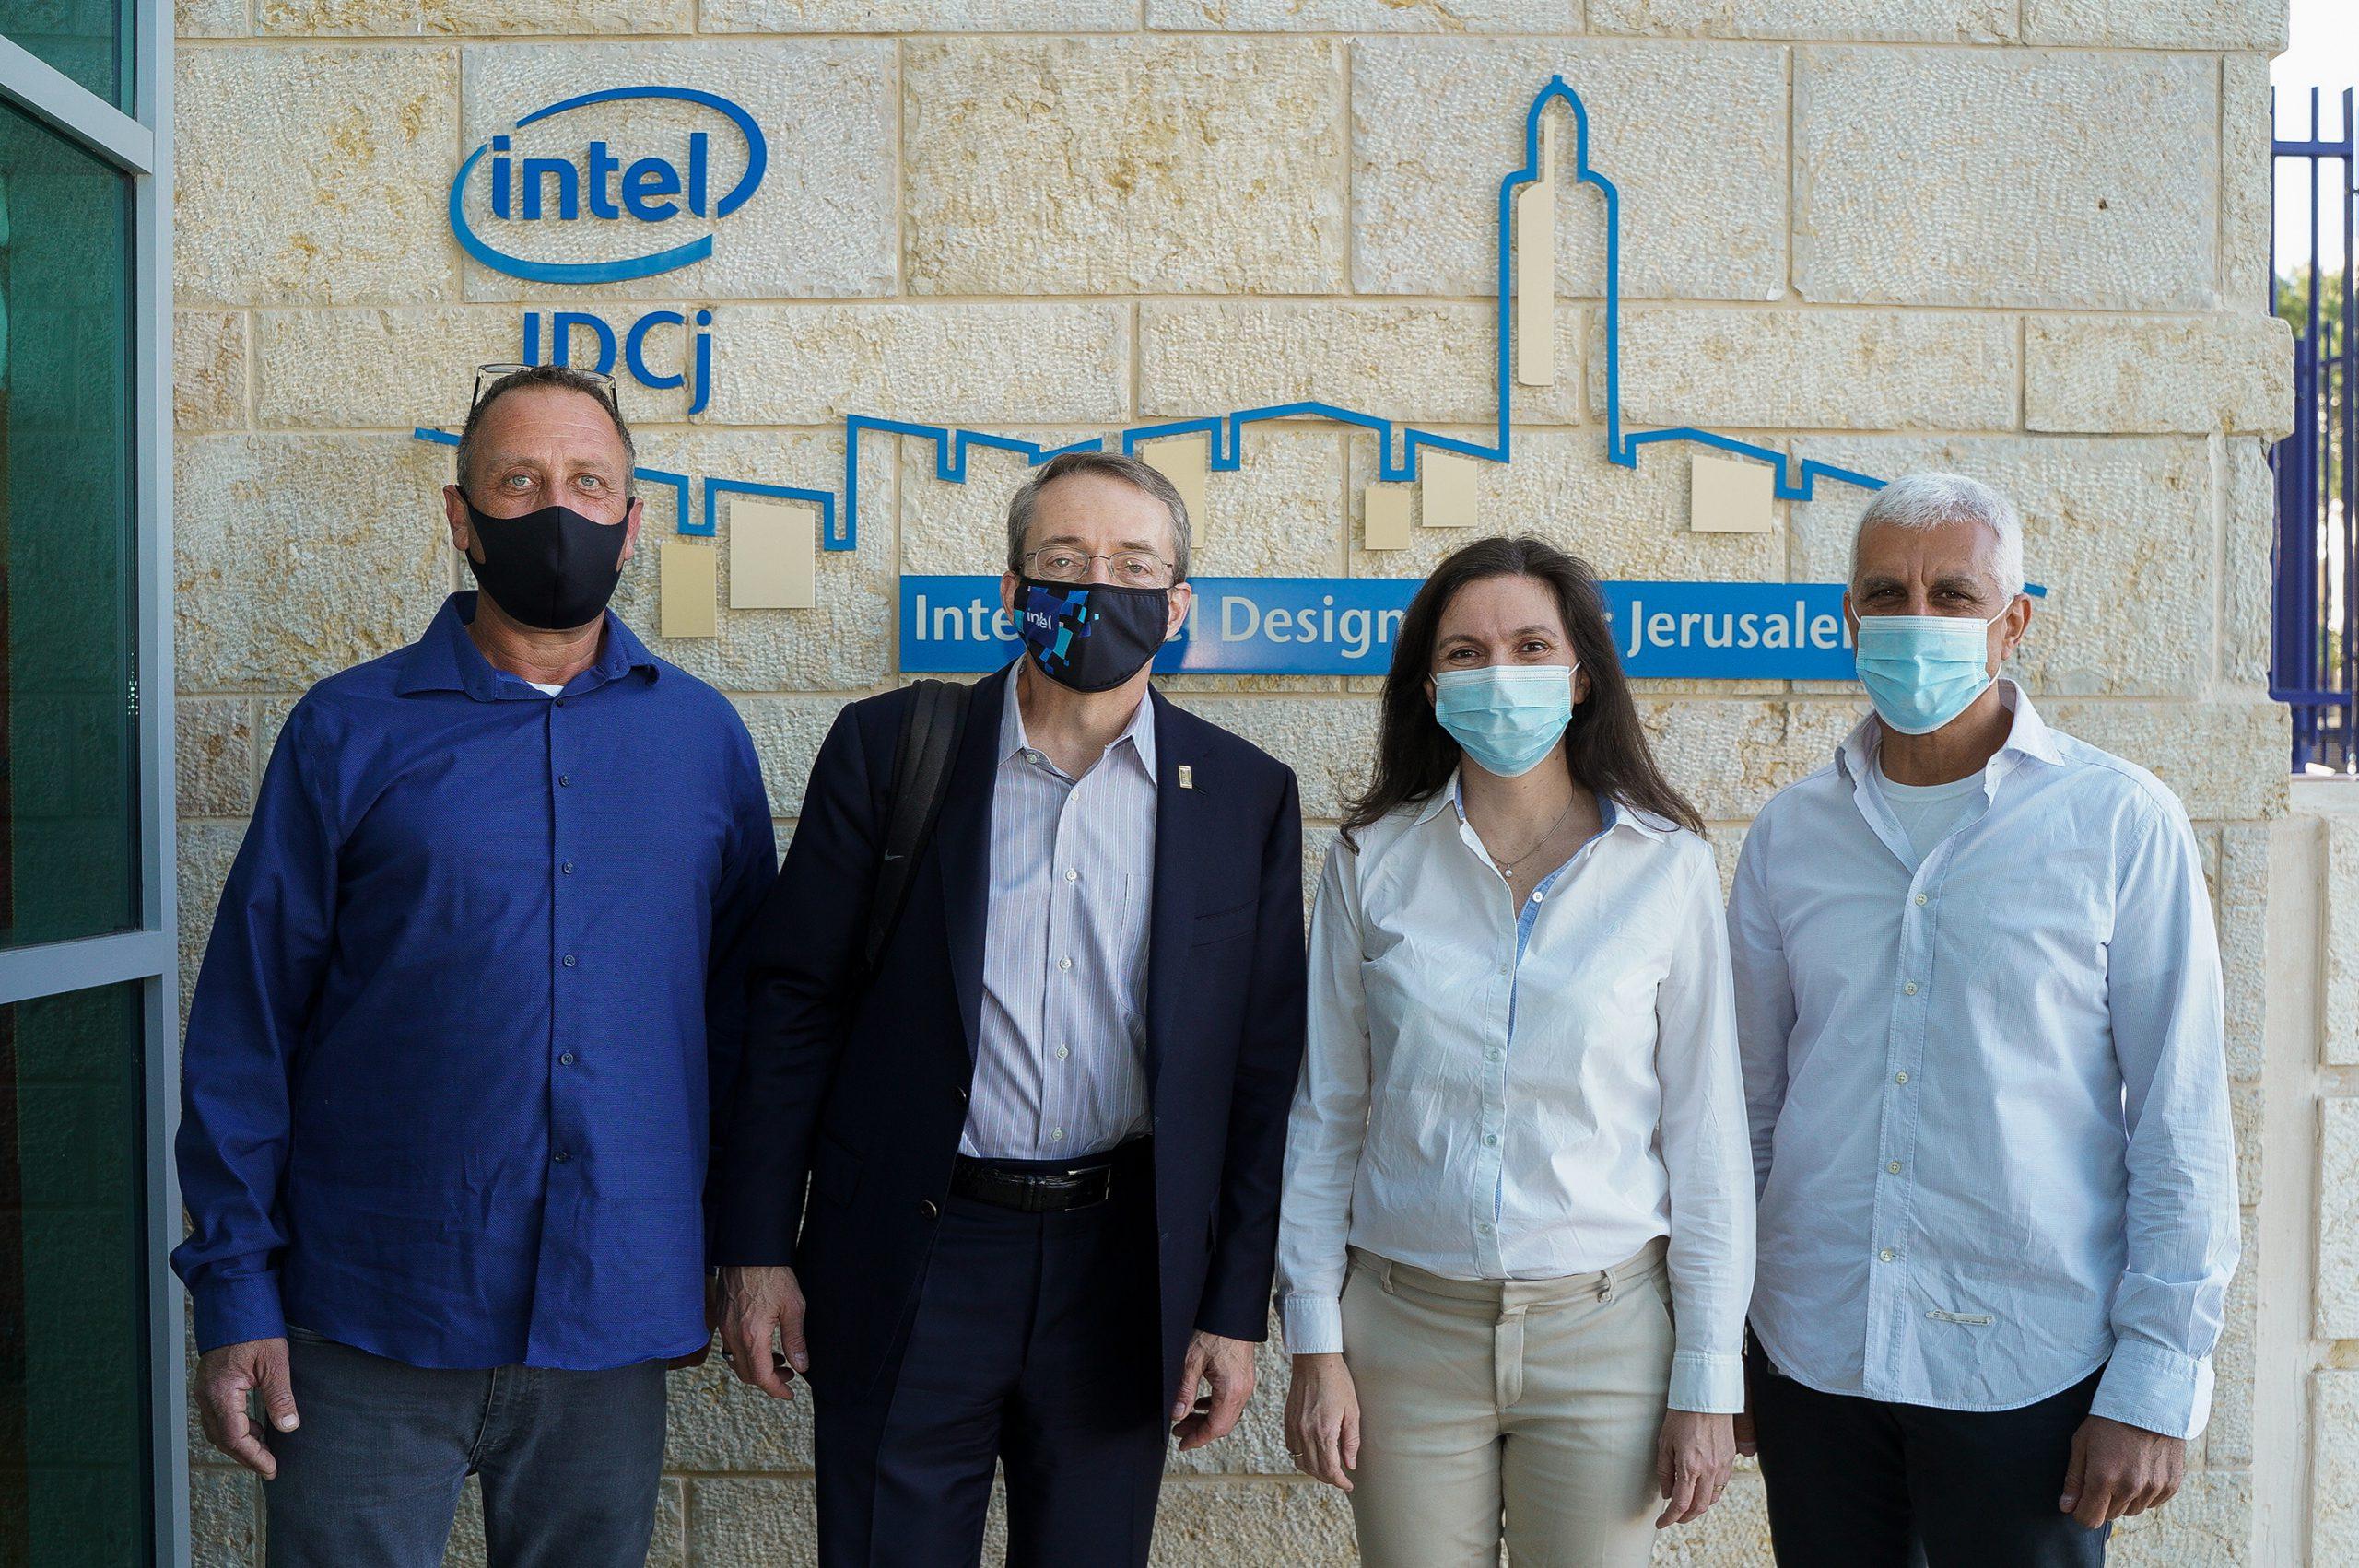 פט גלסינגר וצוות ההנהלה של אינטל ישראל -צוות ההנהלה של אינטל ישראל נפגש היום עם פט גלסינגר, מנכ